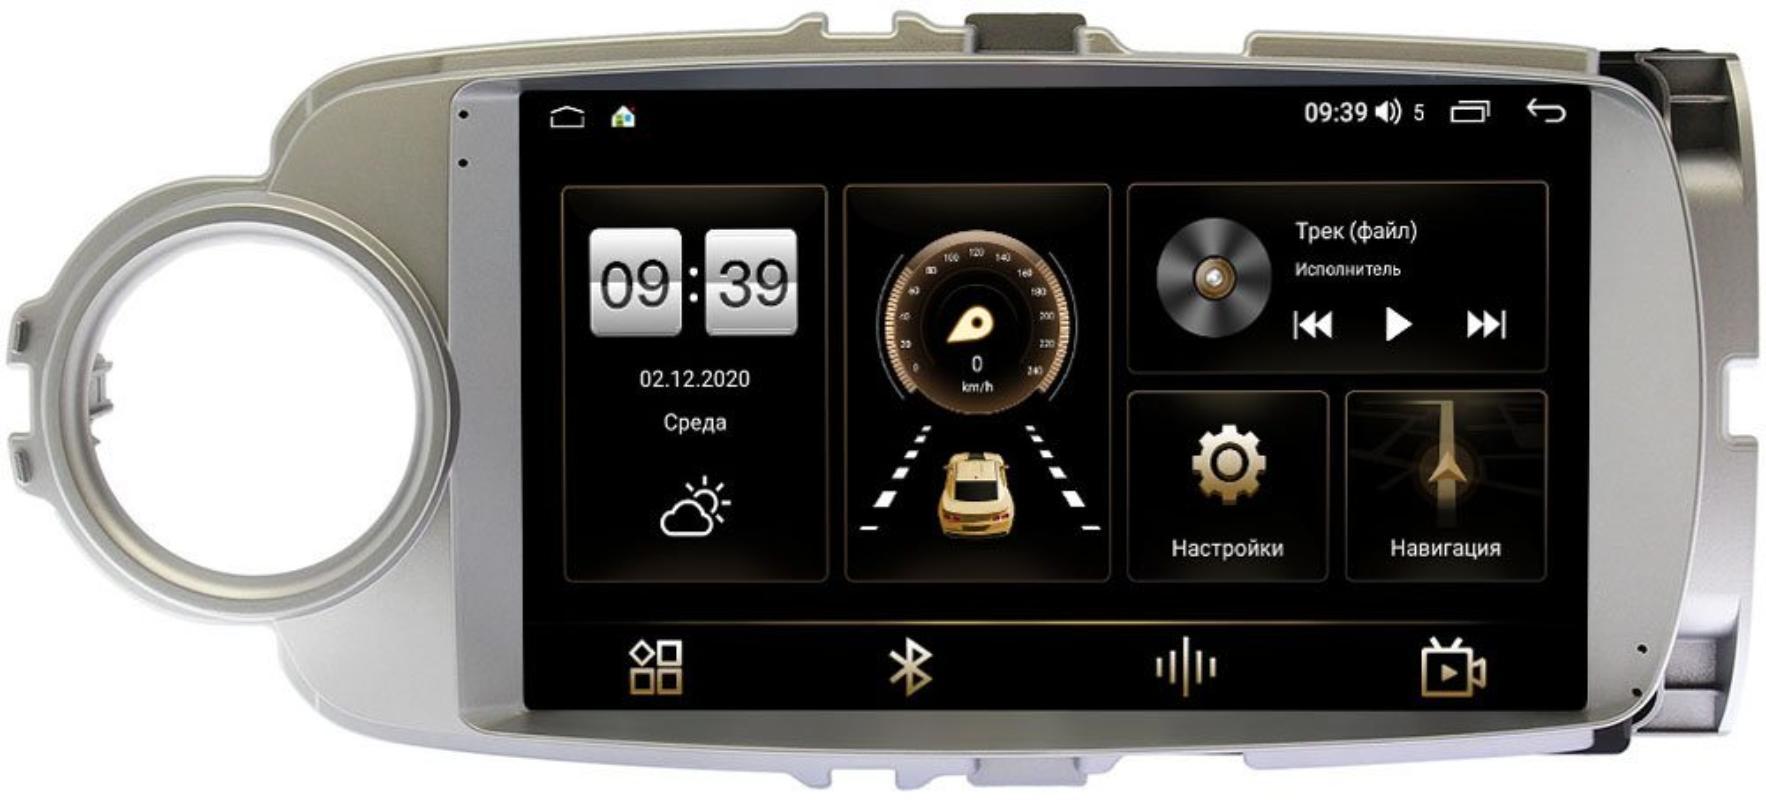 Штатная магнитола LeTrun 4196-9245 для Toyota Yaris III (XP130), Vitz III (XP130) 2010-2018 на Android 10 (6/128, DSP, QLed) С оптическим выходом (+ Камера заднего вида в подарок!)